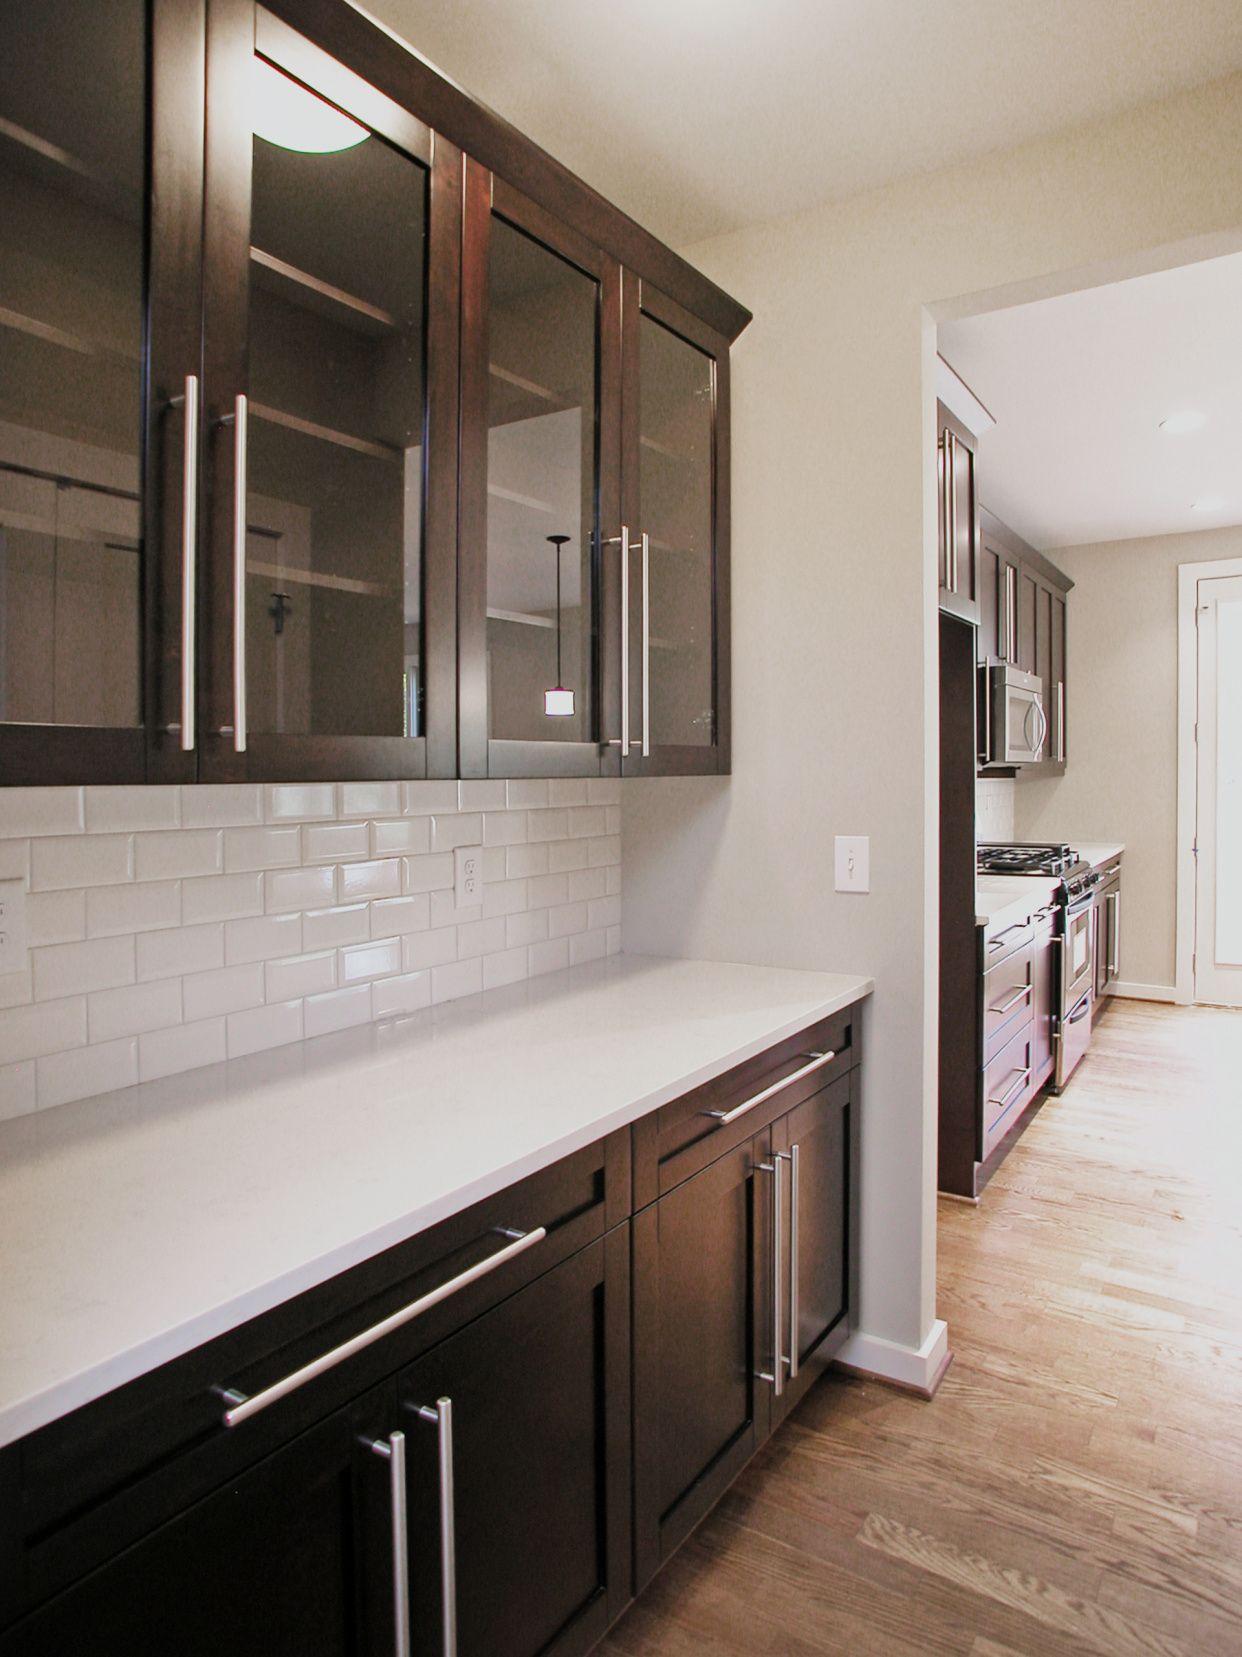 70 Snow White Quartz Countertops Kitchen Cabinets Update Ideas On A Budget Che Dark Kitchen Cabinets Backsplash With Dark Cabinets Espresso Kitchen Cabinets